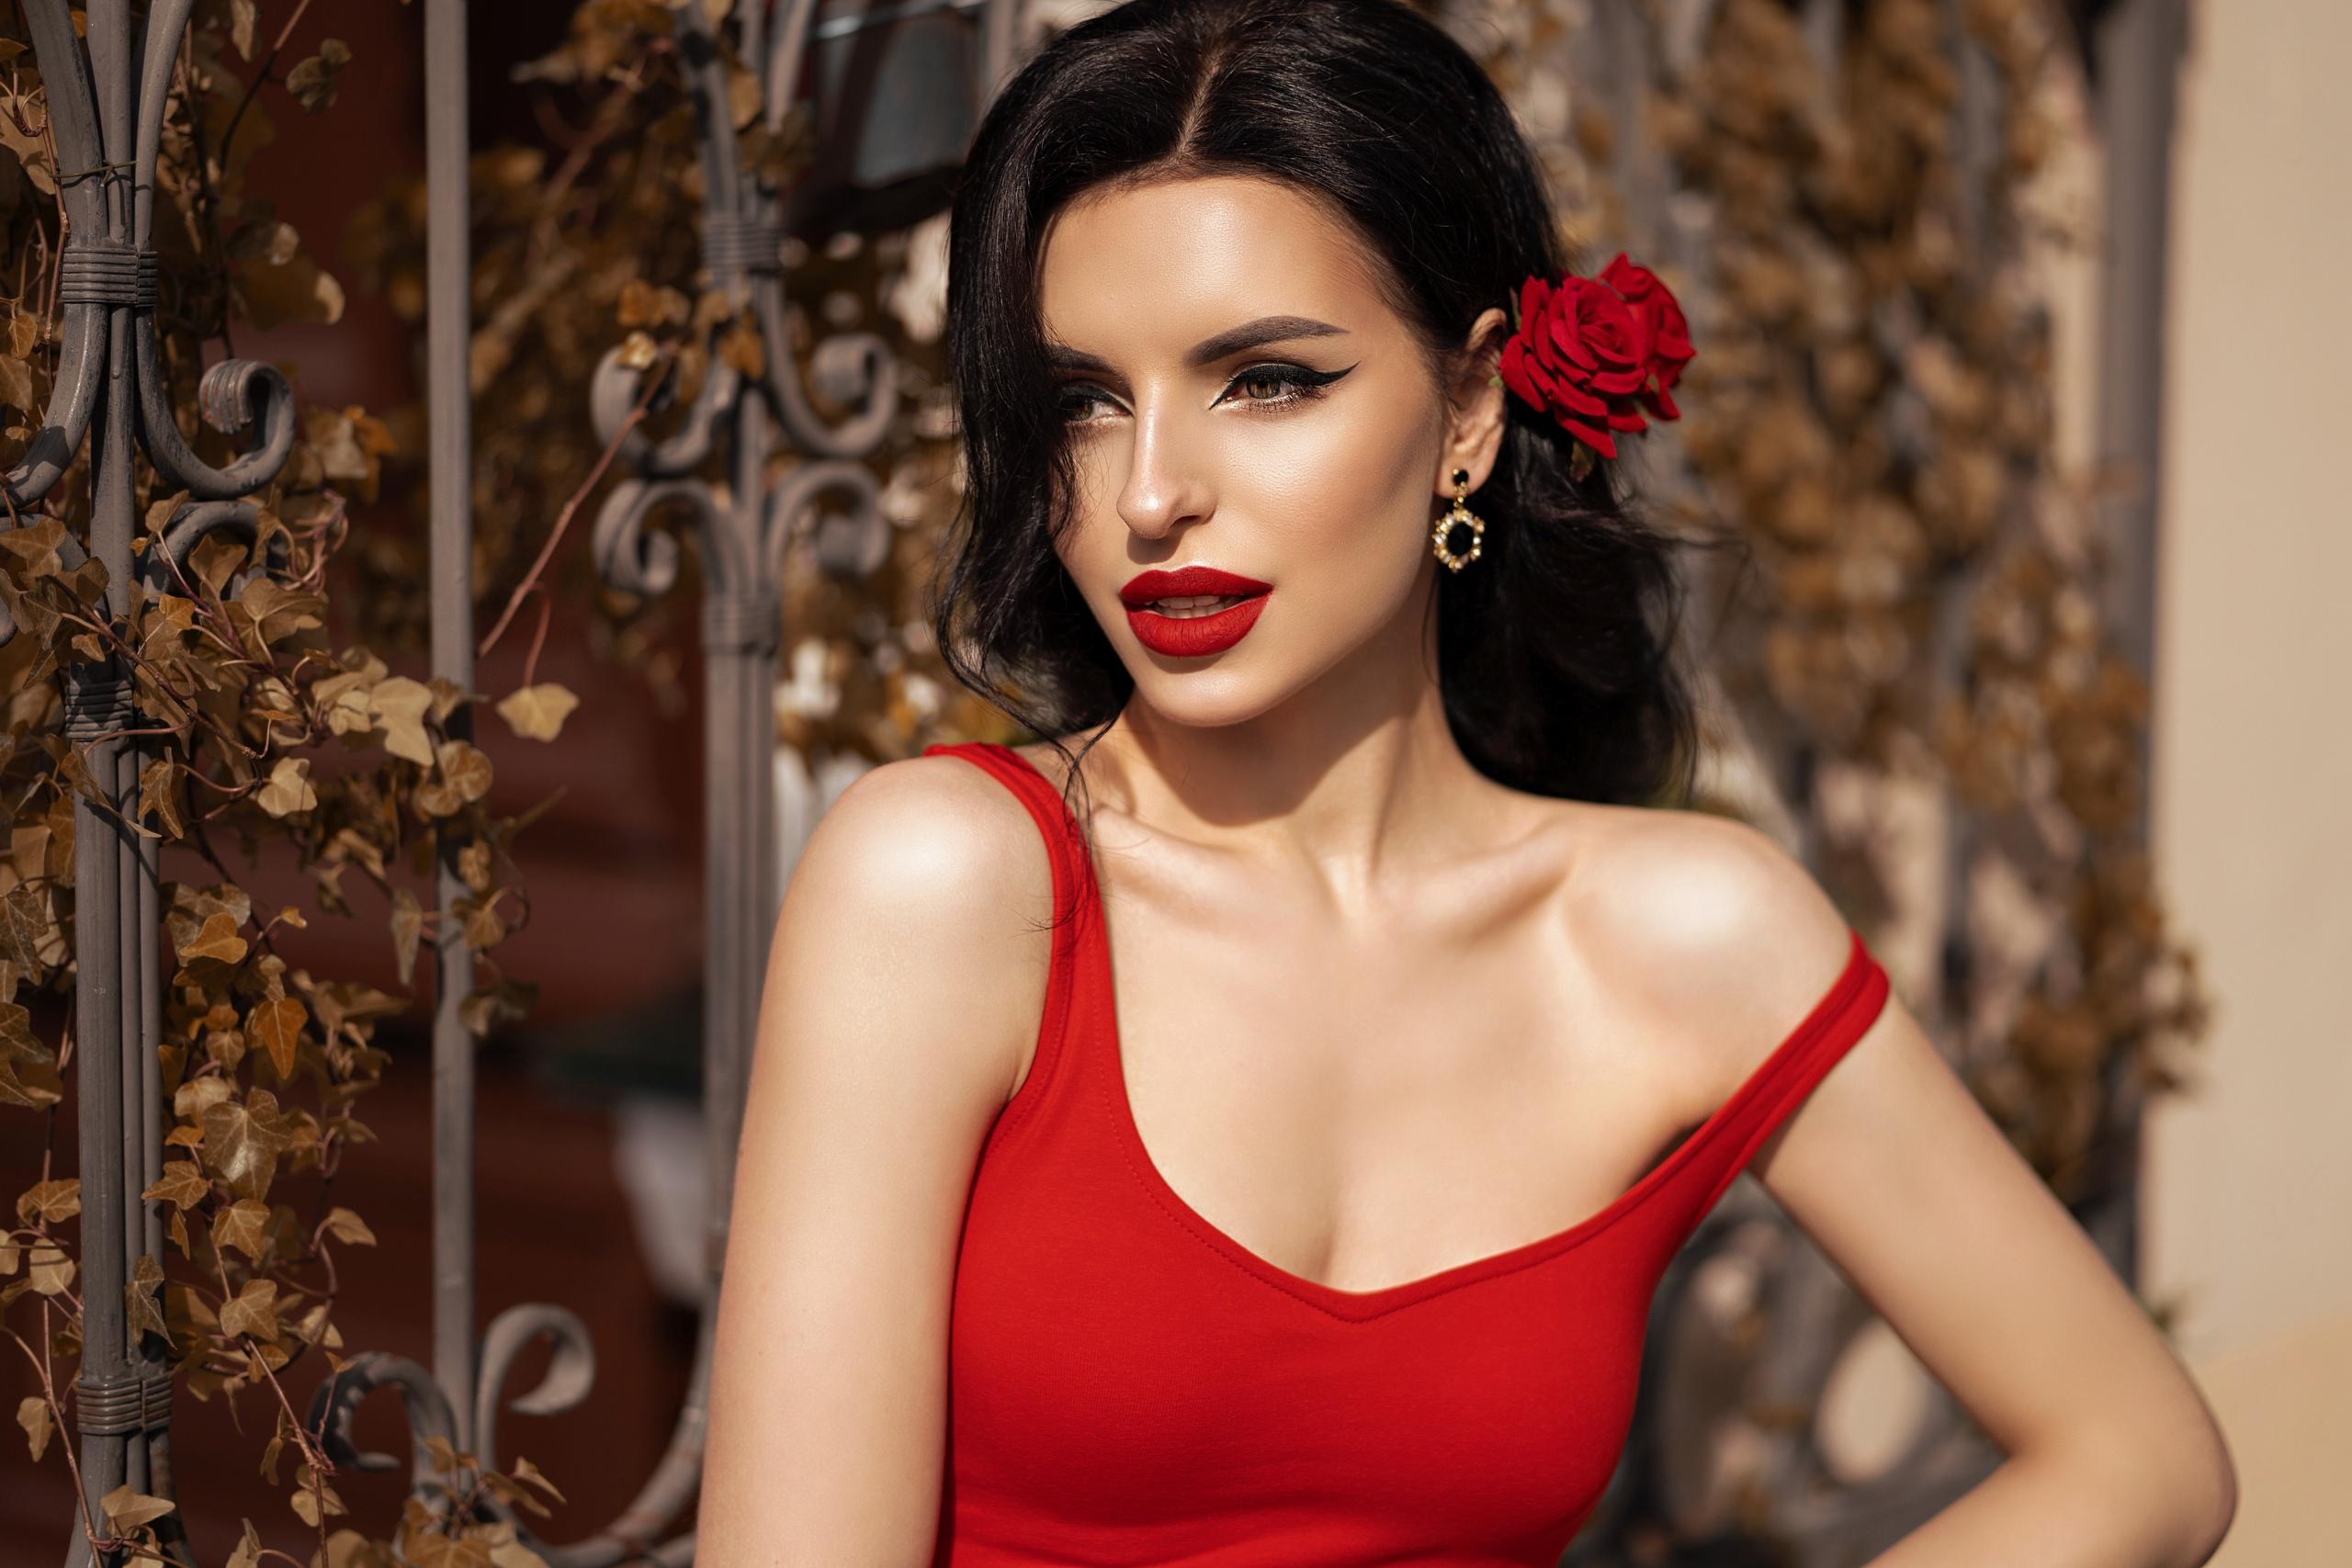 hintergrundbilder : frau, porträt, rotes kleid, blumen